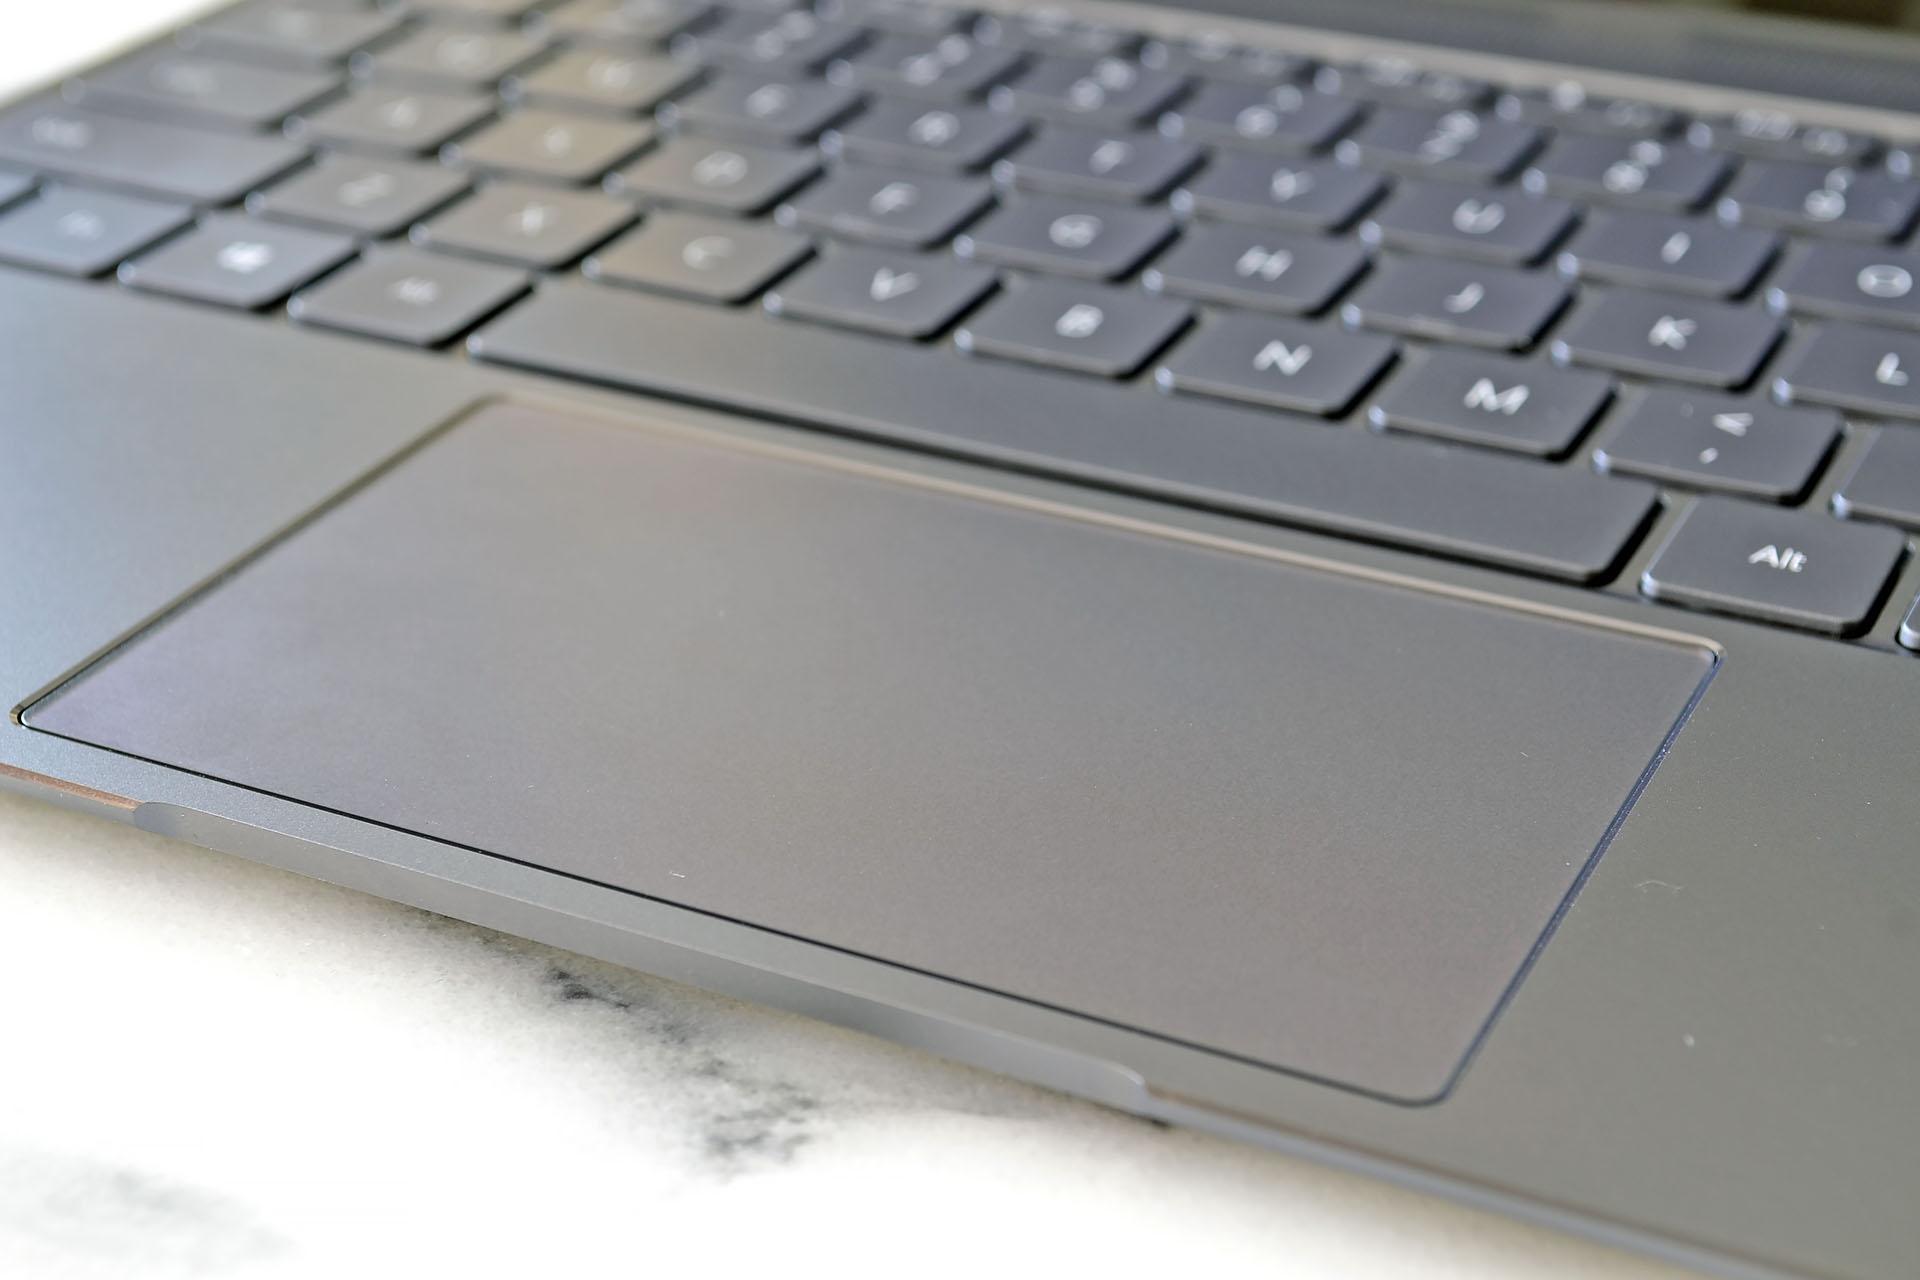 Pekplattan i sin helhet fungerar OK men vi hade gärna sett att tangentbordet  kunde flyttat upp ... f2b3e7a0c4732